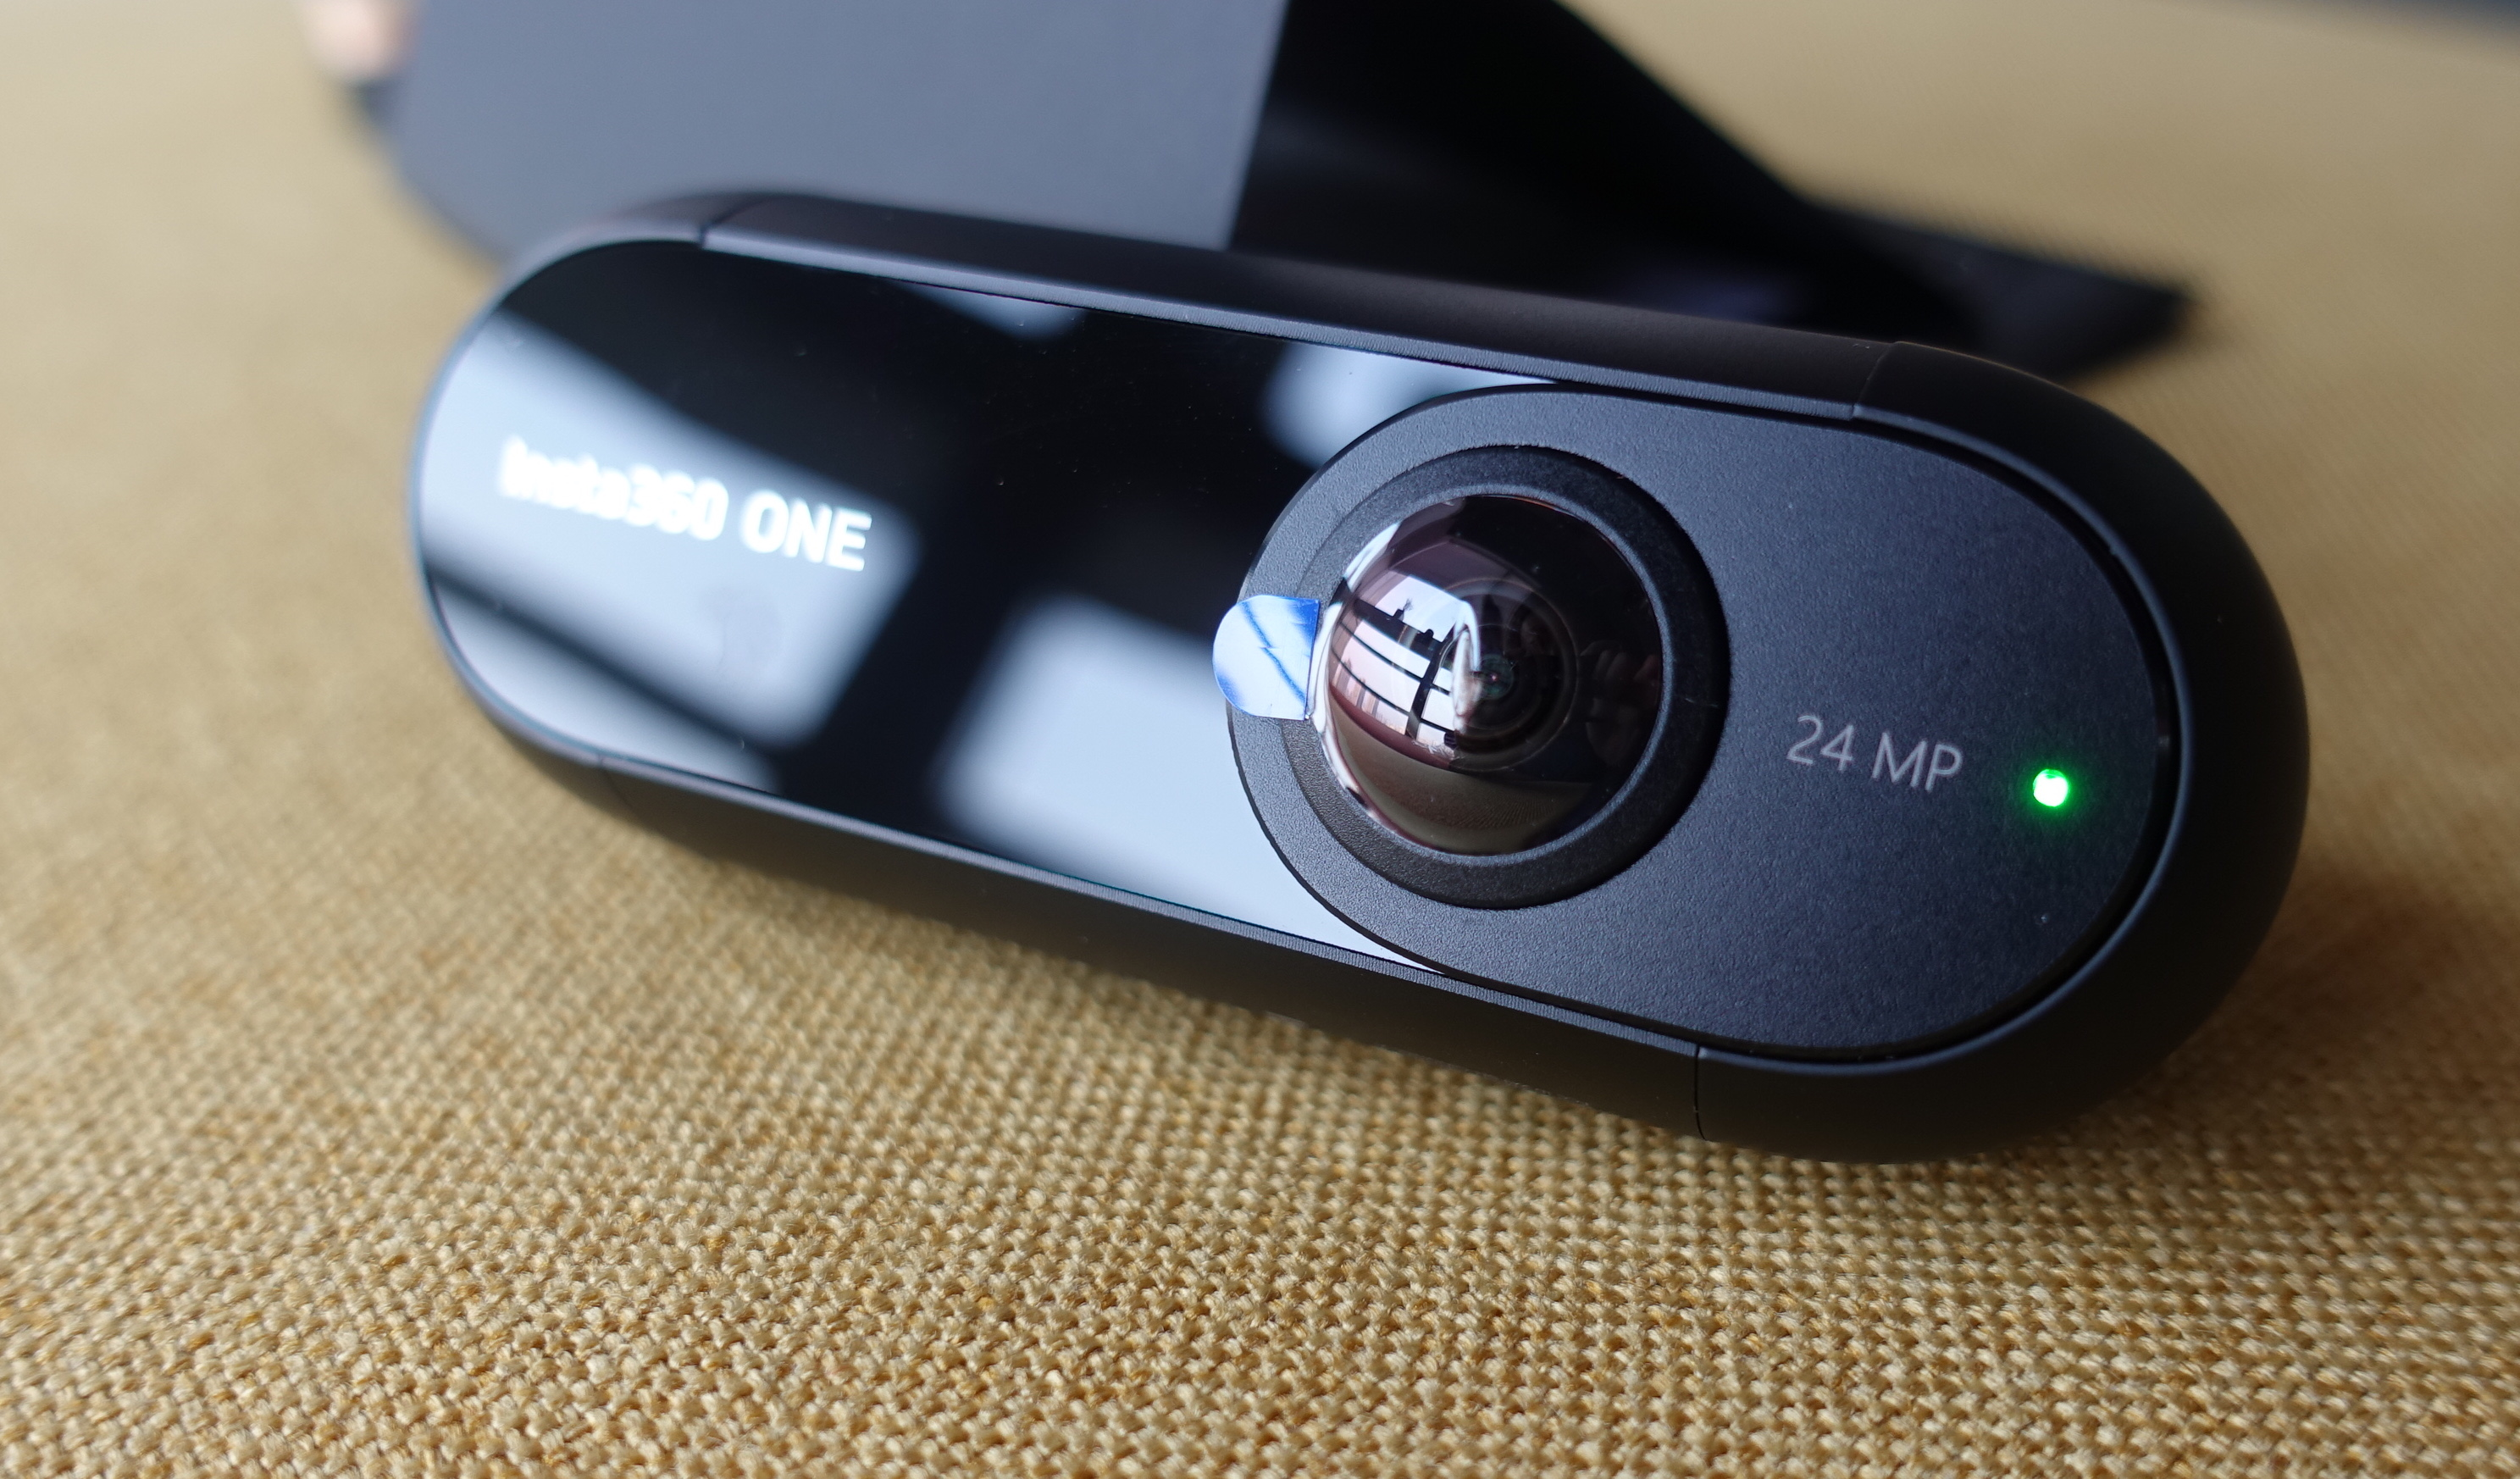 旅行中必带的全景相机Insta360 ONE初体验 导游小哥当场要买